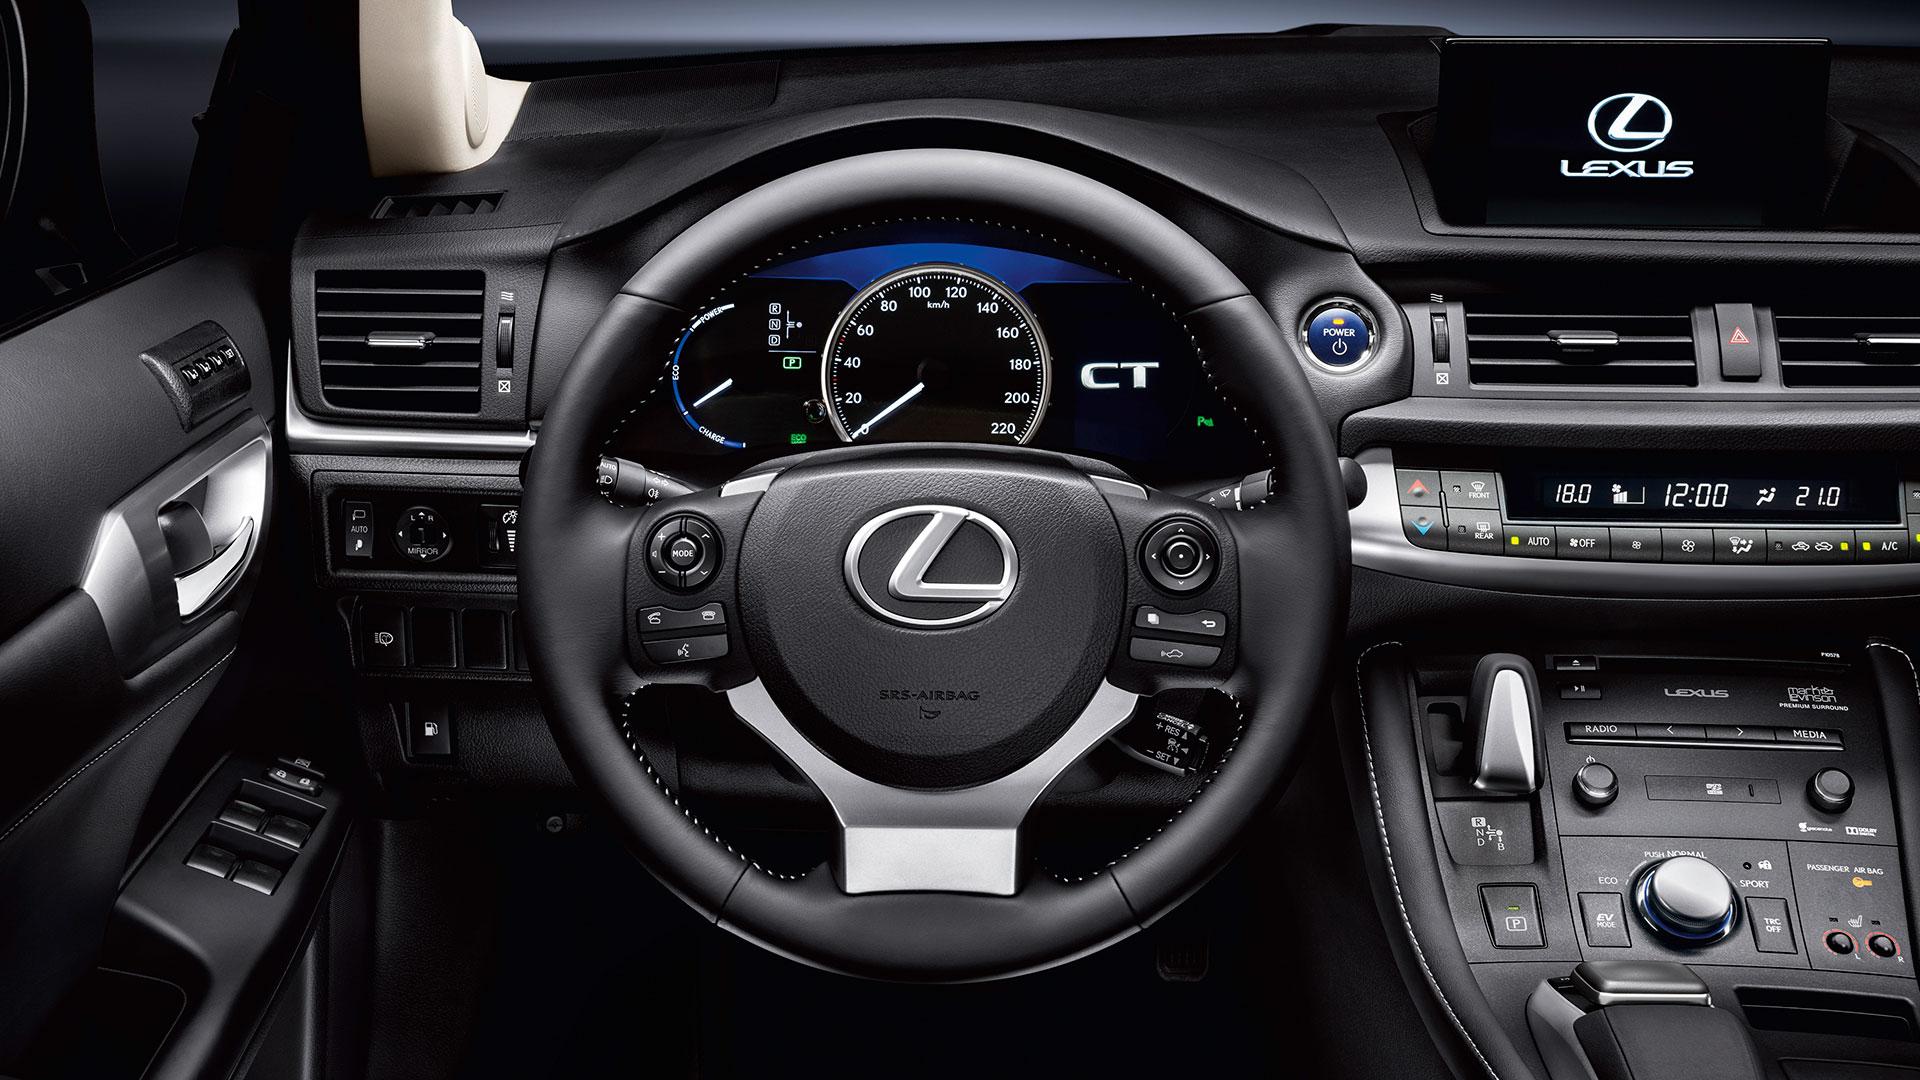 Subvenciones compra Lexus CT 200h hero asset